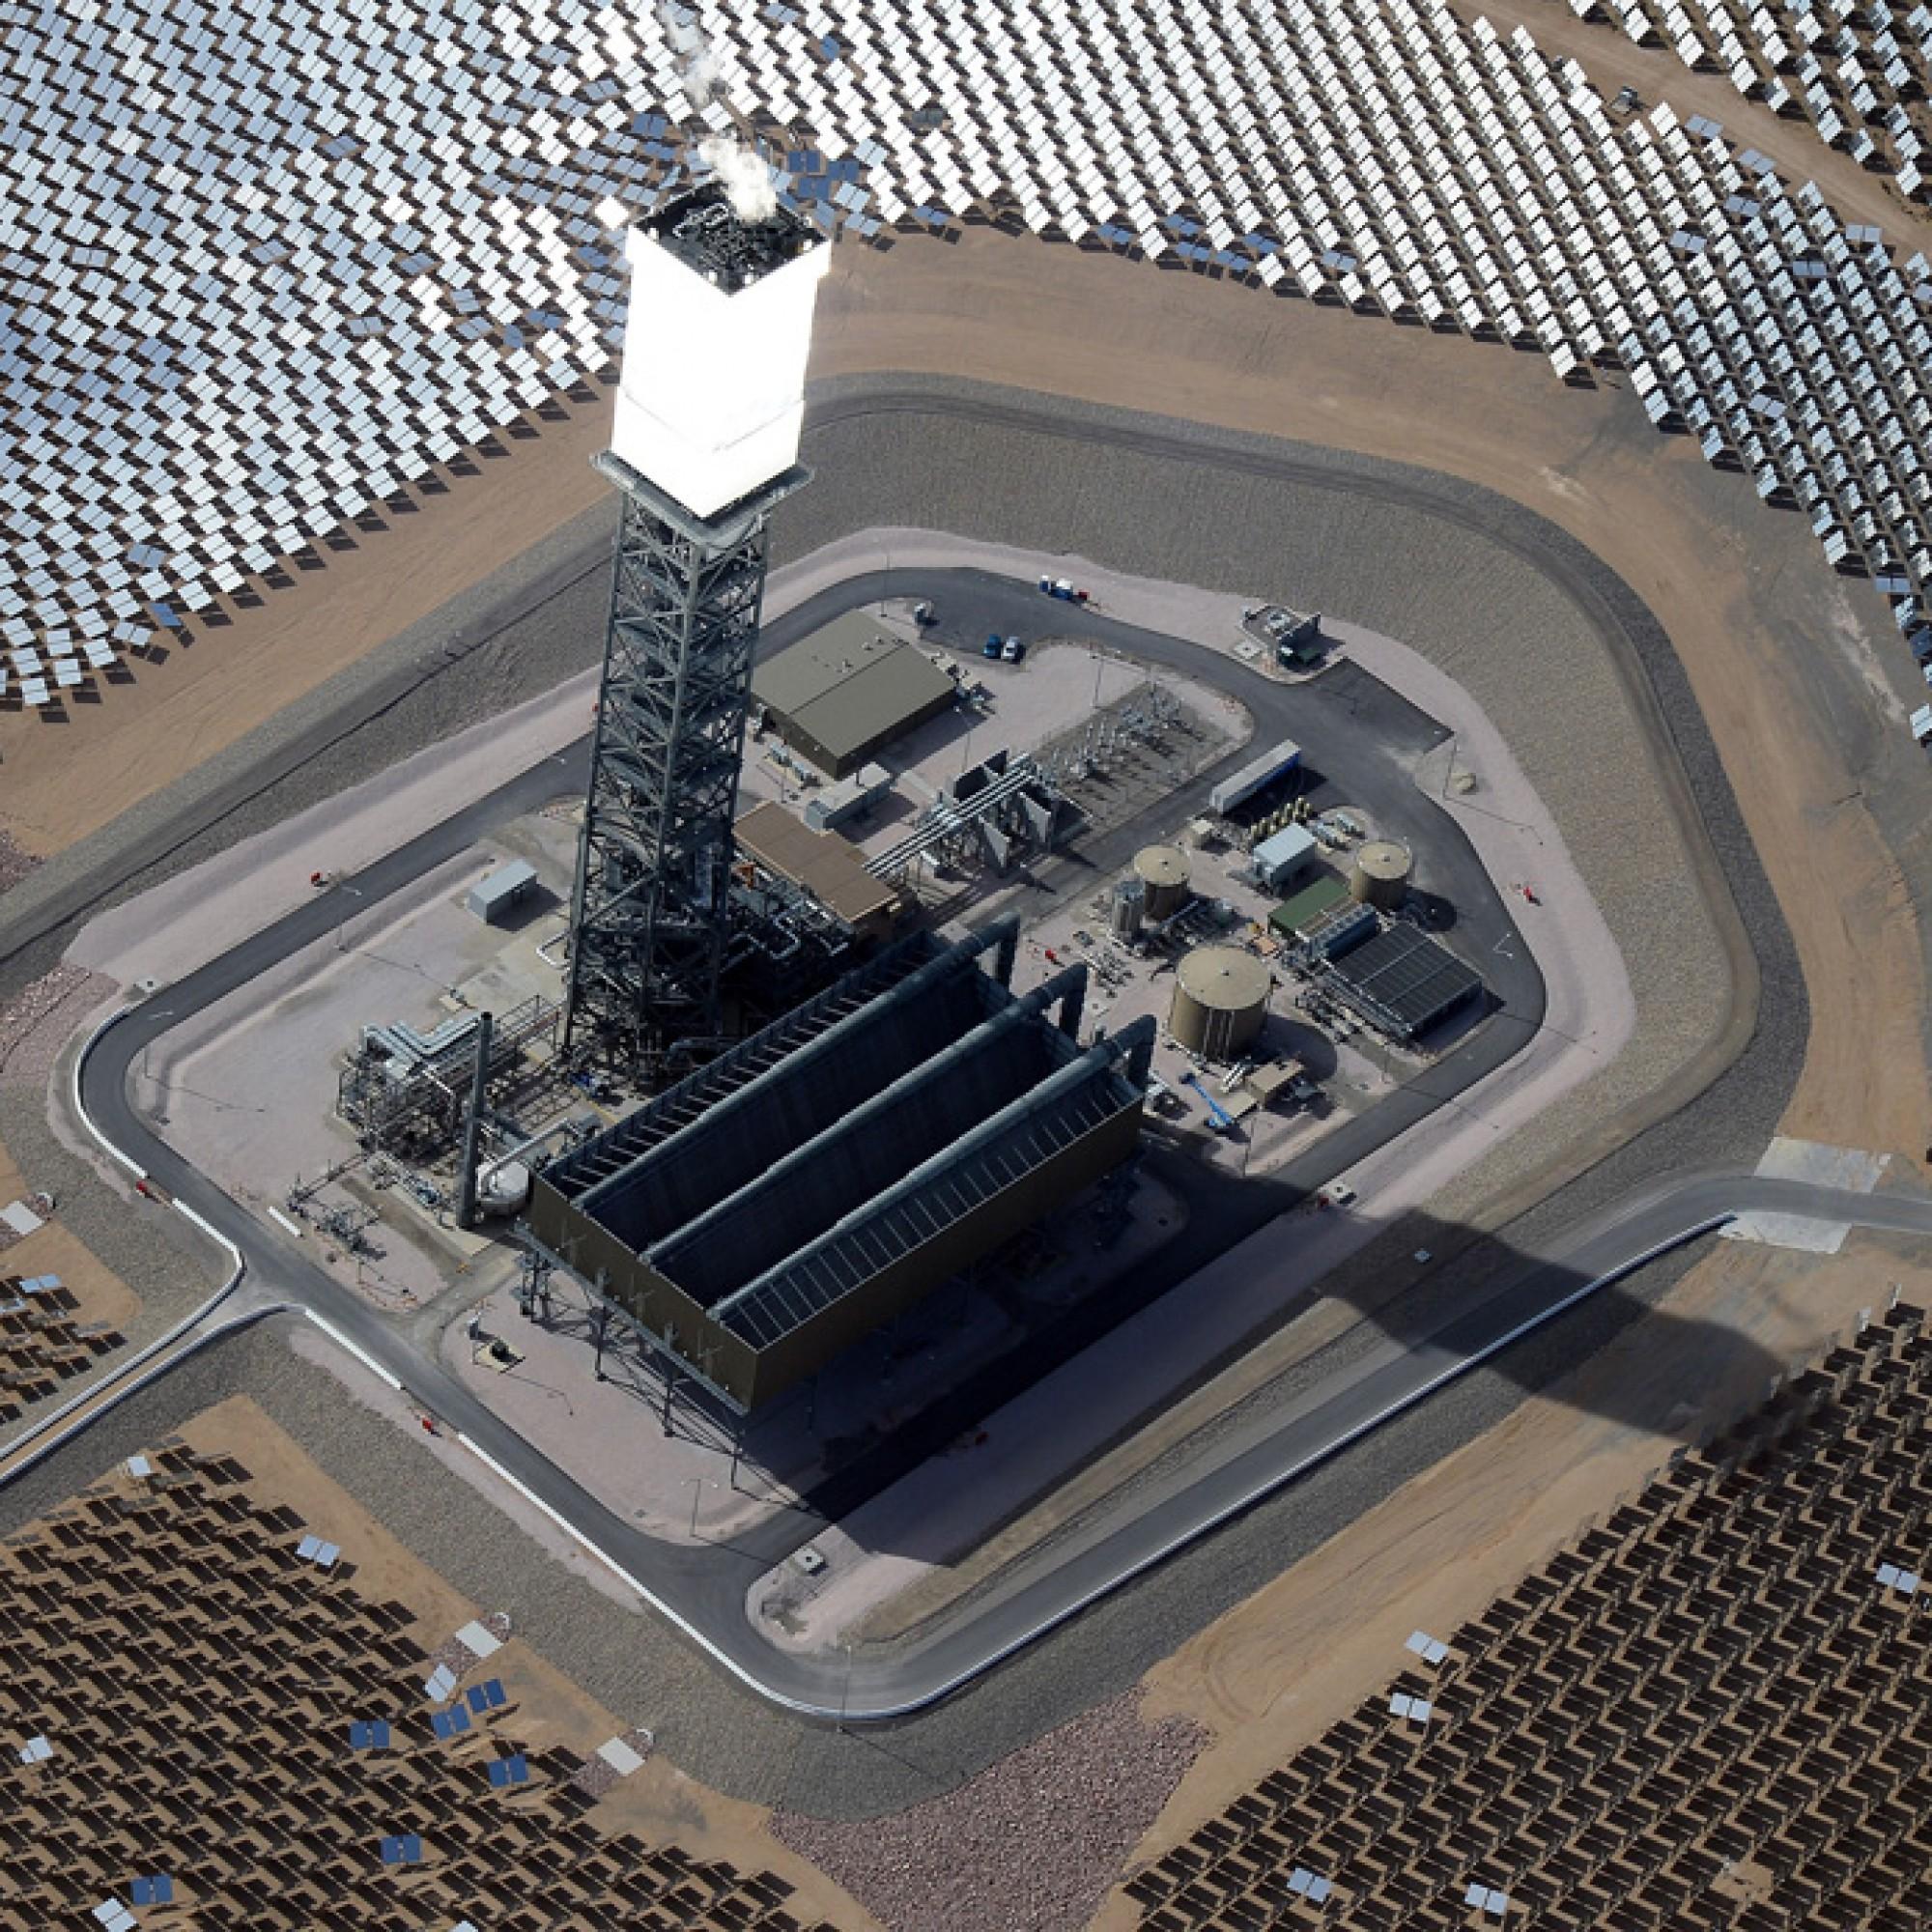 Bis zu 537 Grad Celsius erreicht der Wärmestrom, den die Spiegel erzeugen. (Bild: wikimedia, CC)